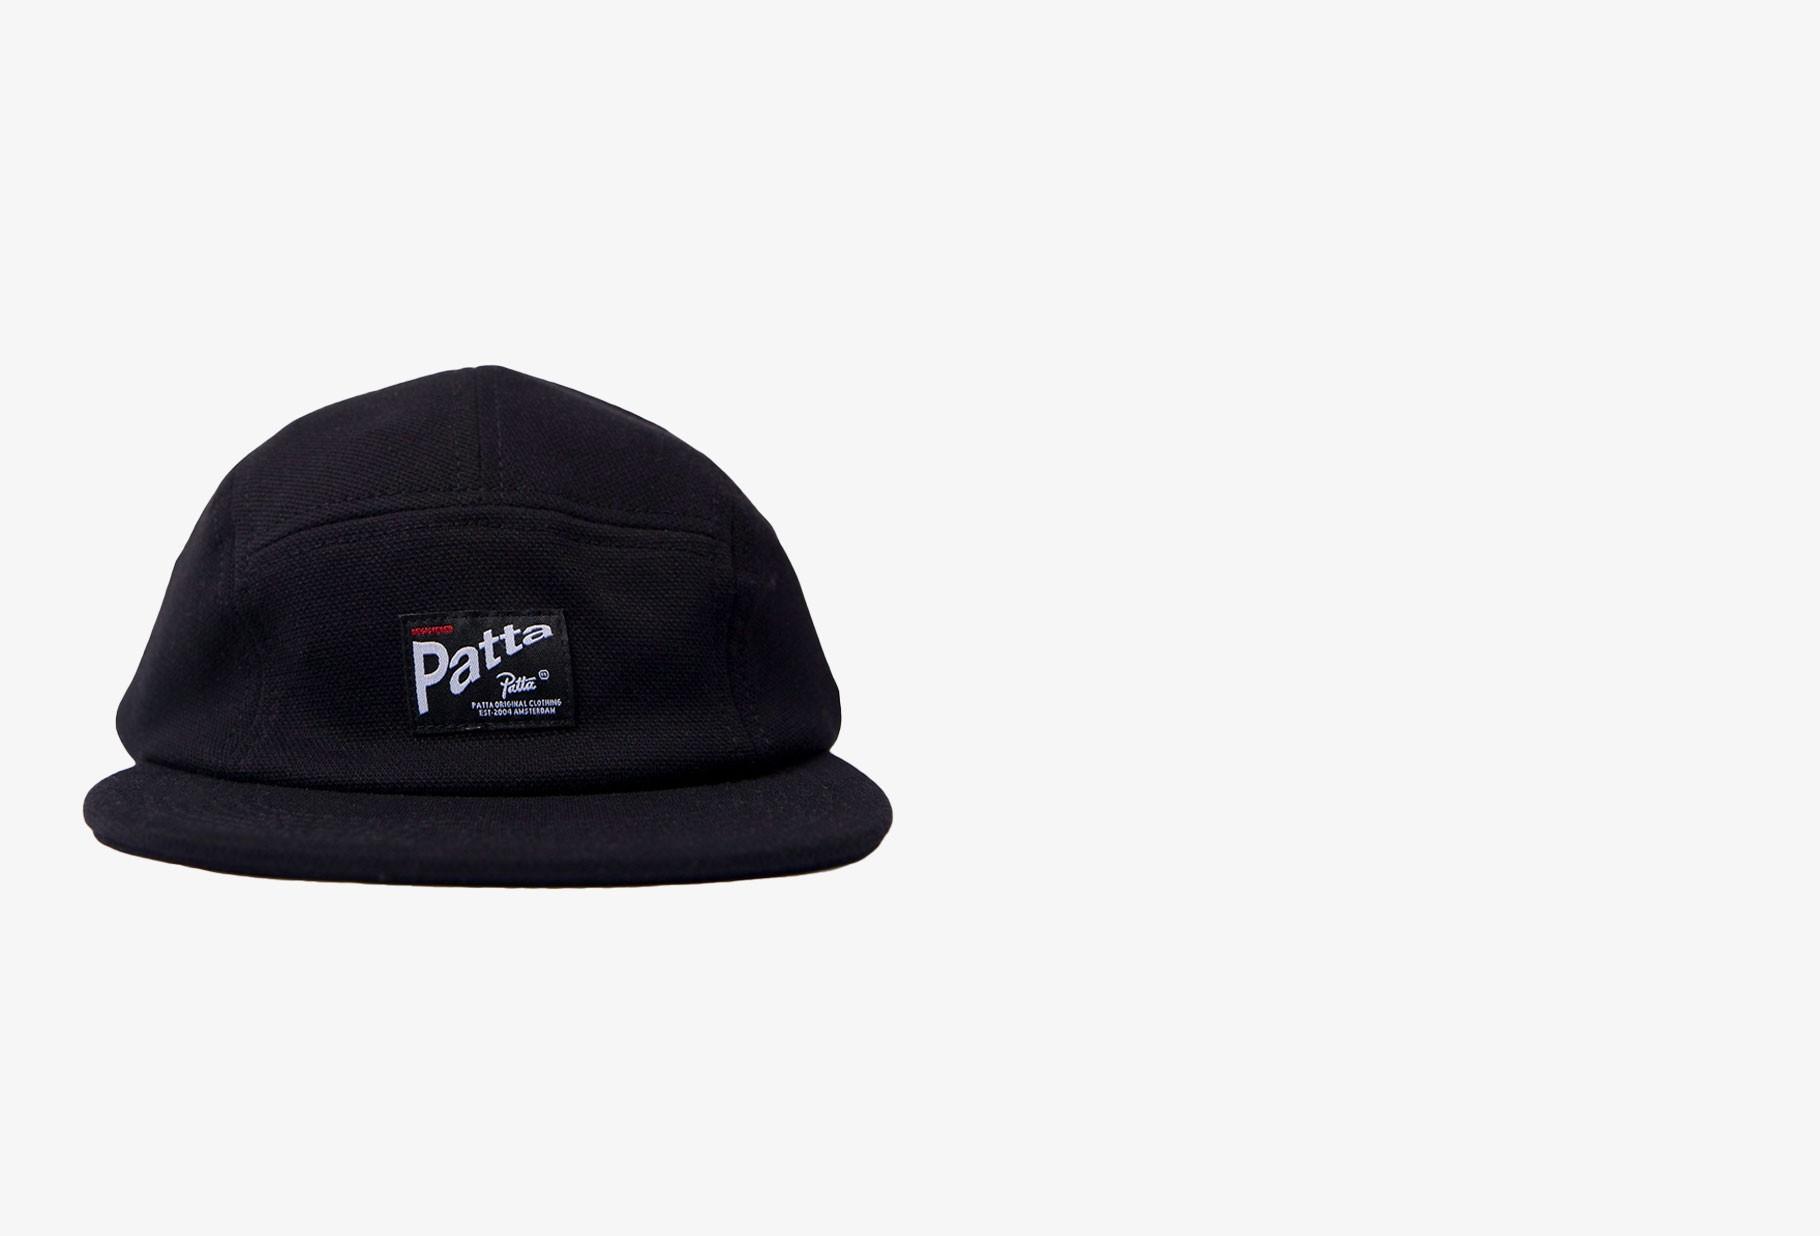 PATTA / Patta pique camp hat Black